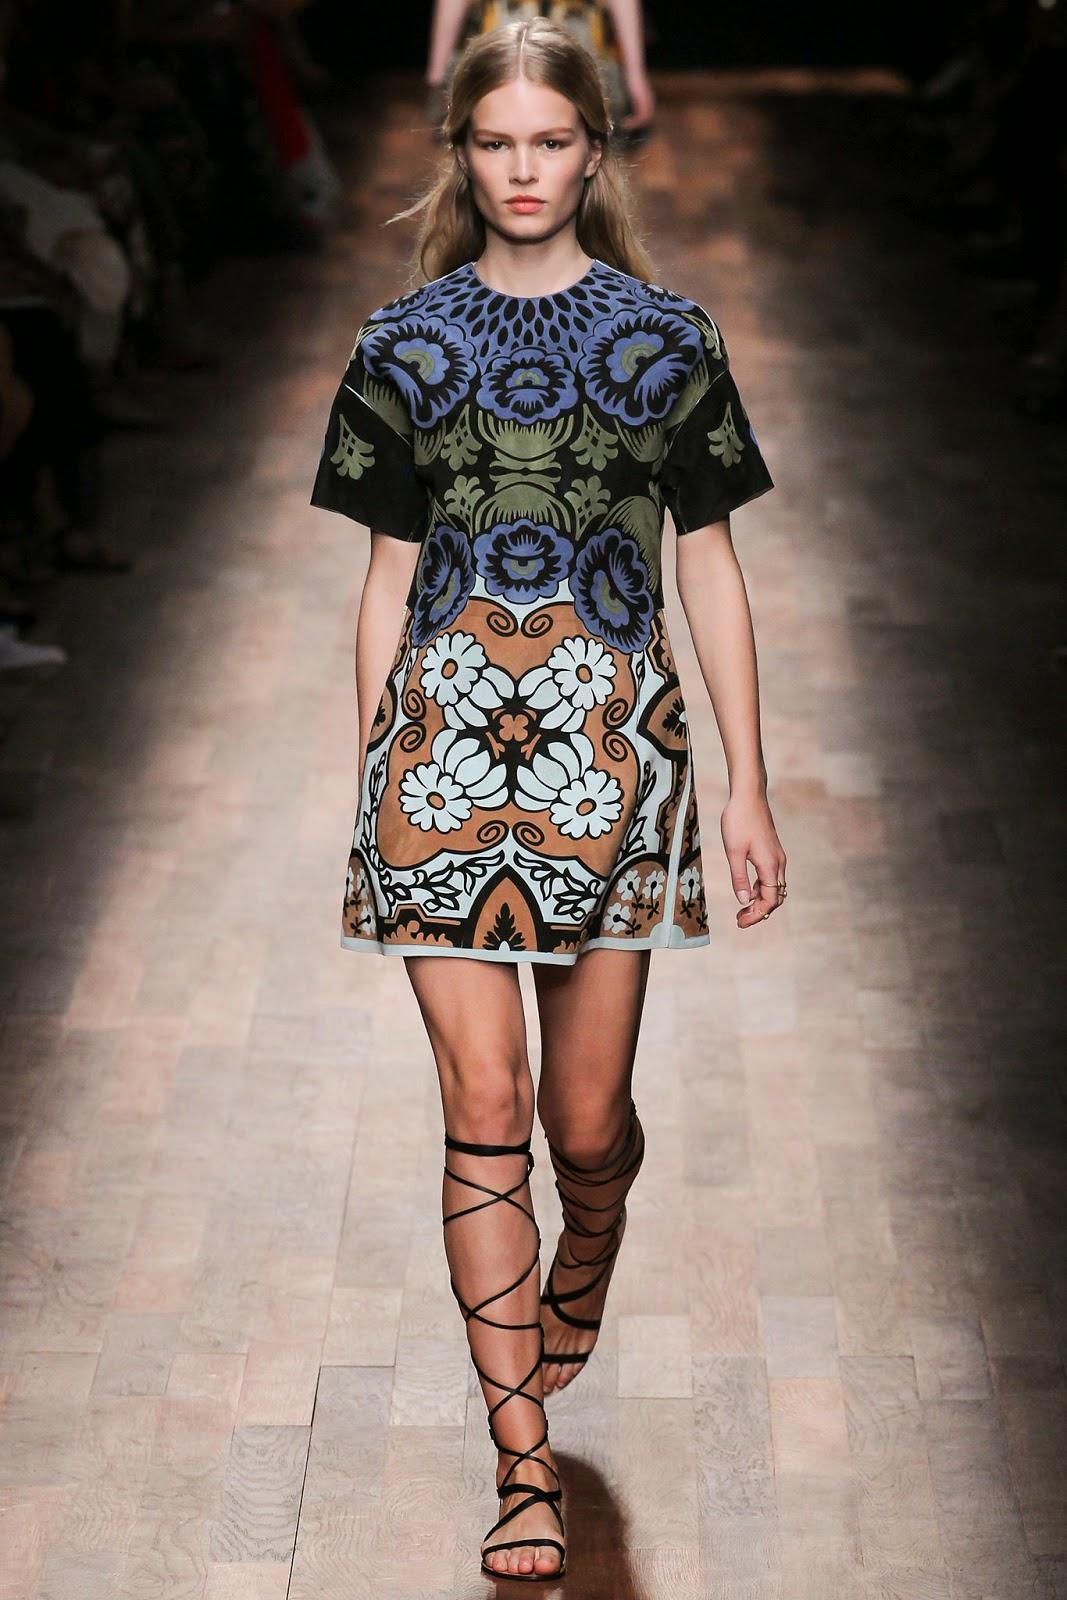 valentino 2015 summer 2016 trend women dress11 Valentino 2015 samling, våren sommaren 2016 Valentino klänning modeller, Valentino kväll klänning nya säsongen kvinnors kjolar modeller